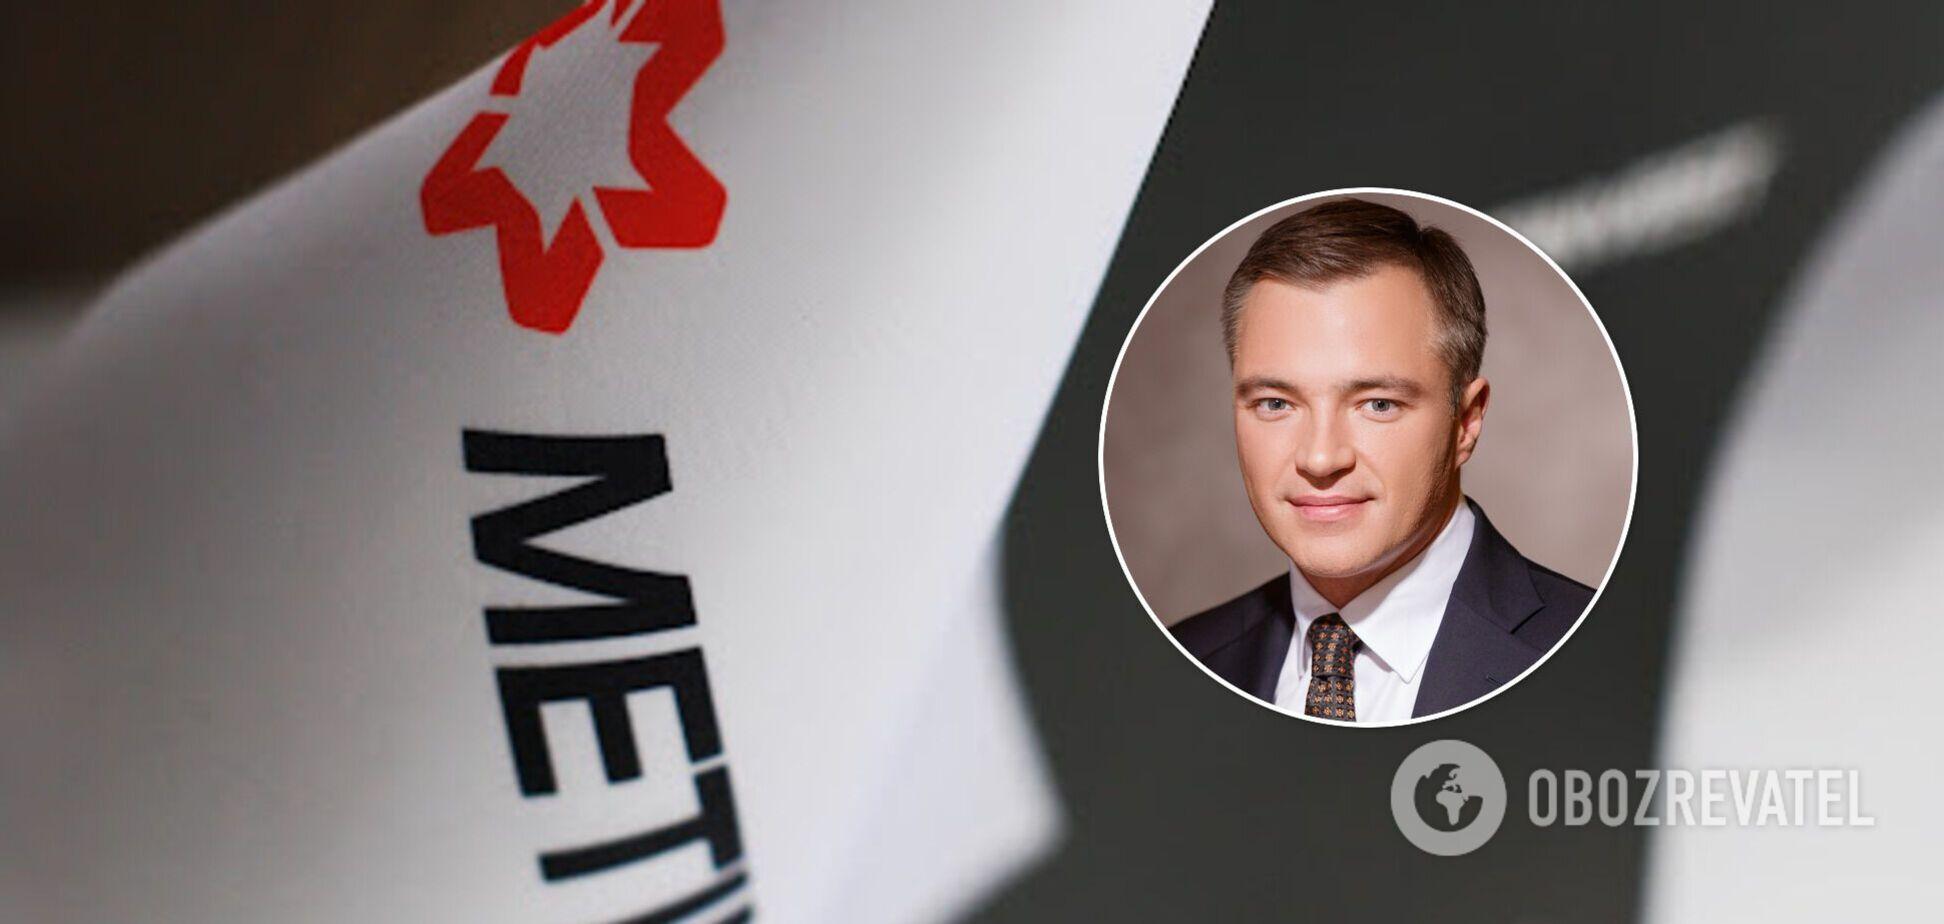 Группа 'Метинвест' за 15 лет инвестировала в образовательные проекты 180 млн грн, – Рыженков